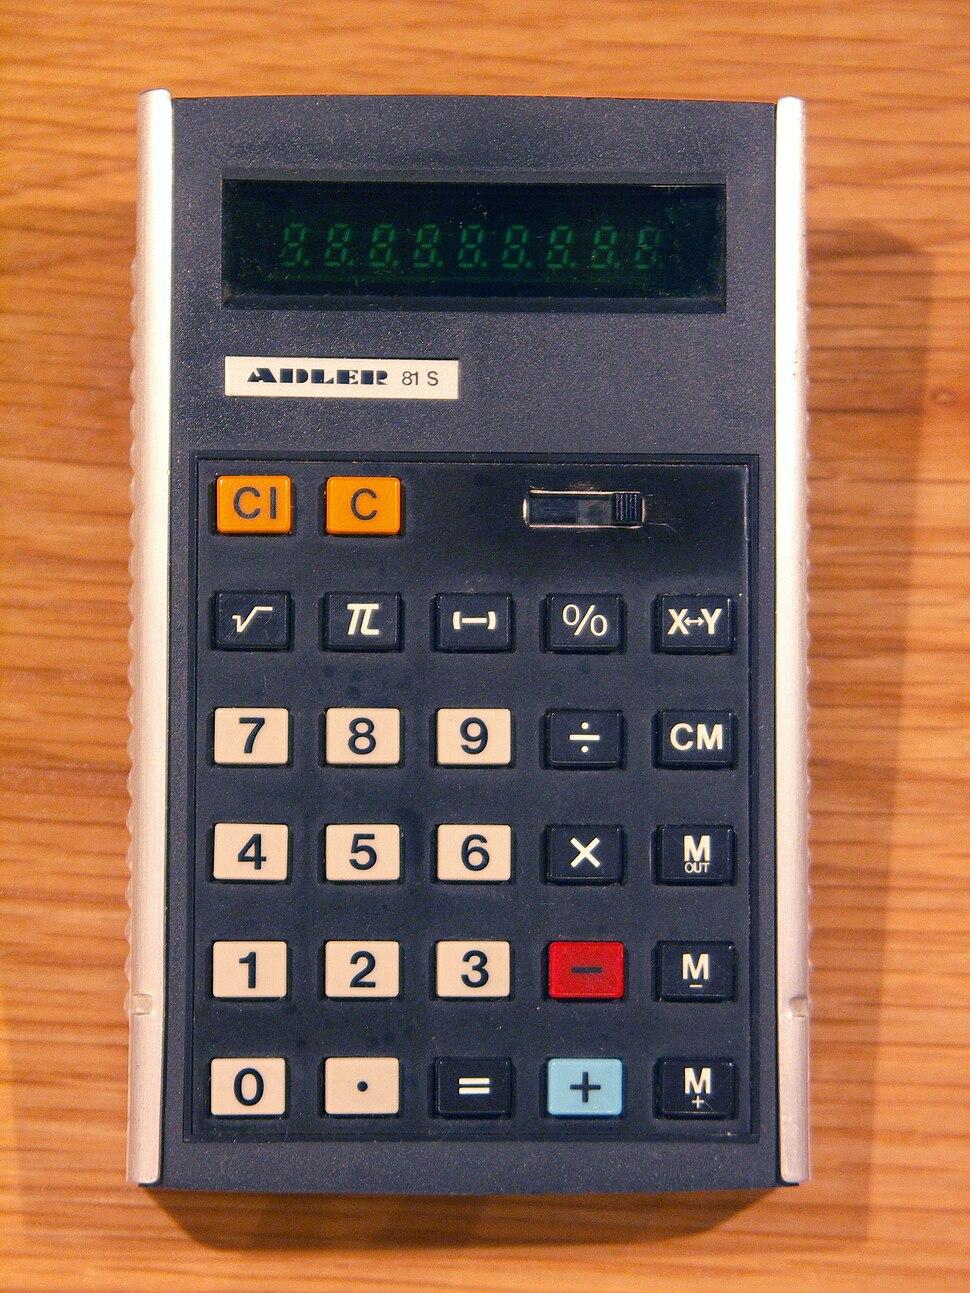 Calculator Adler 81S